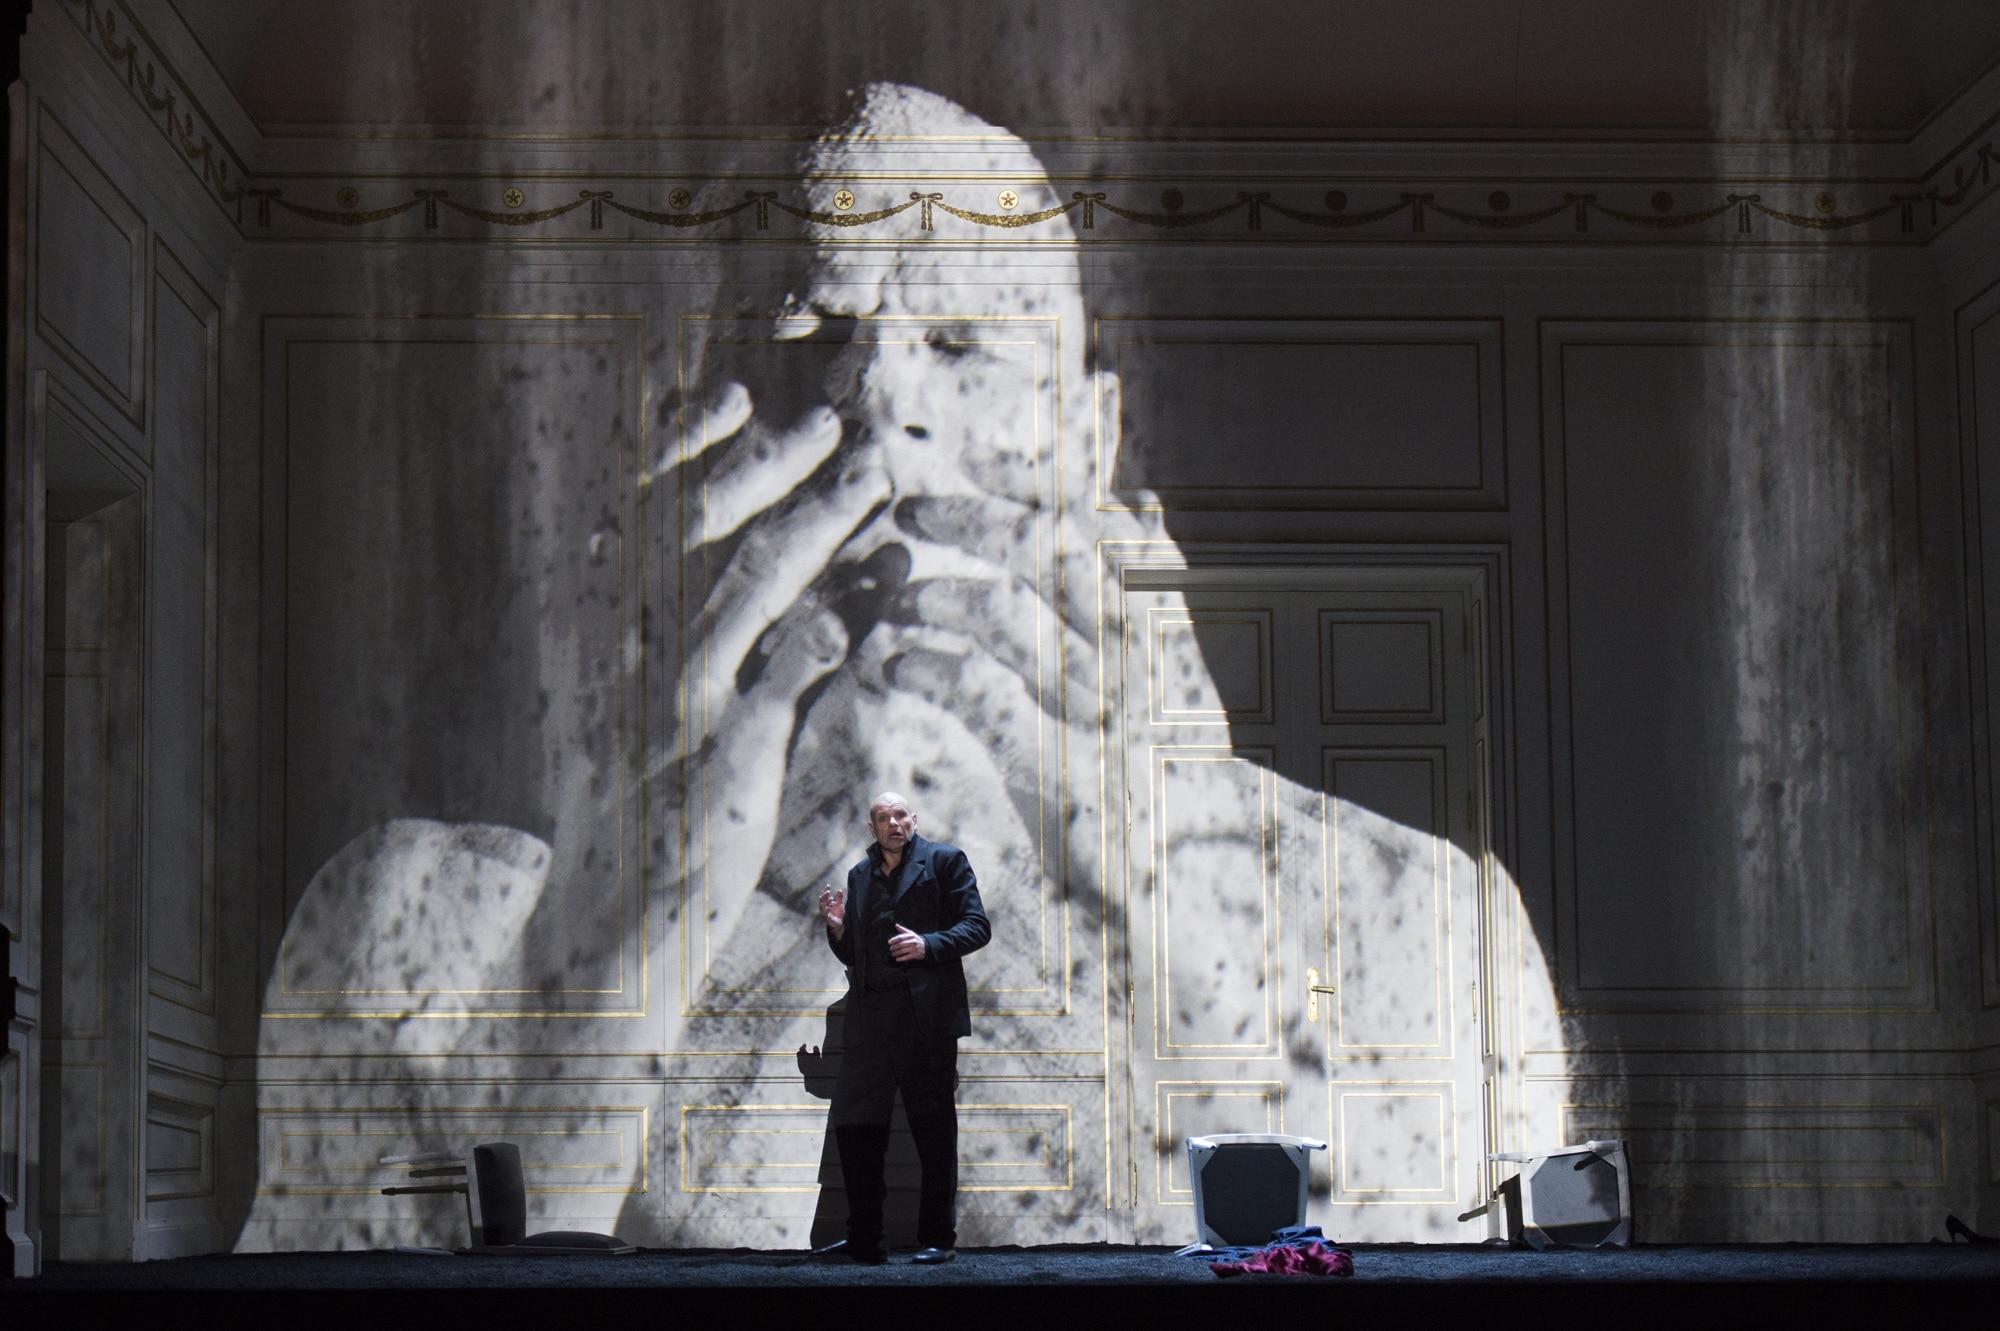 Monika_Rittershaus___Opera_national_de_Paris-Berenice-18.19-c-Monika-Rittershaus-OnP-25-